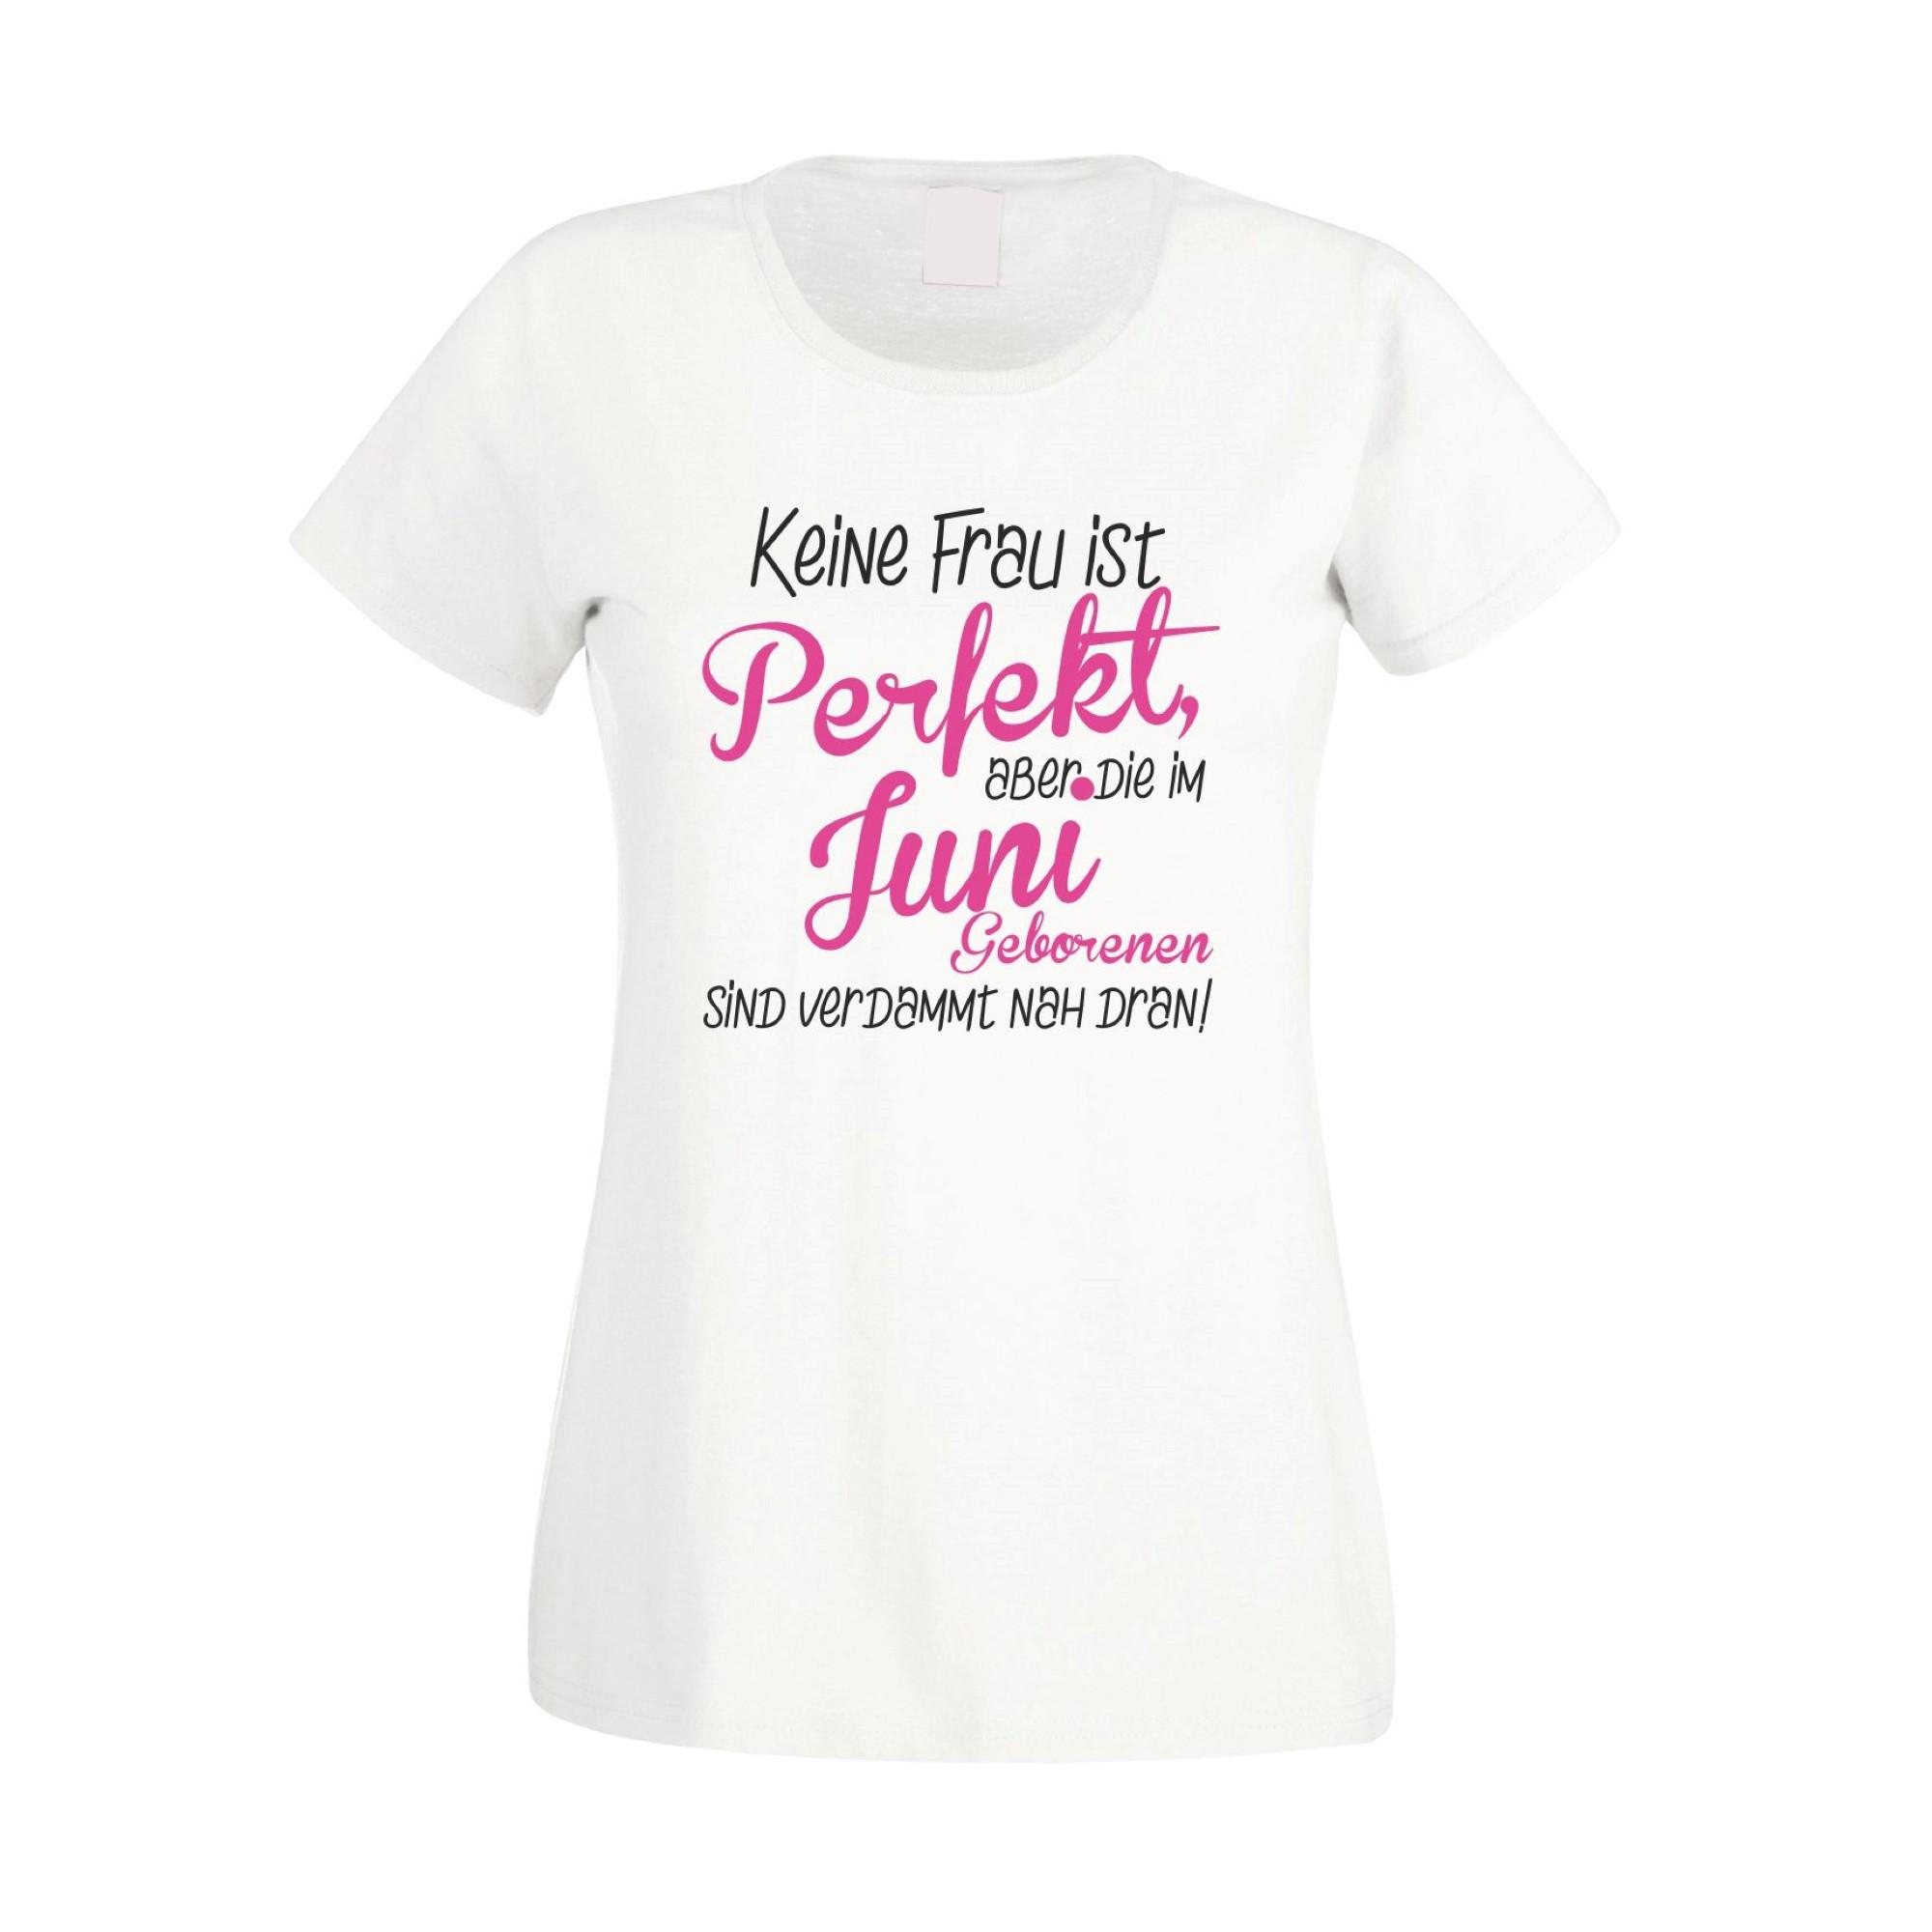 damen t-shirt - keine frau ist perfekt, aber die im juni geborenen